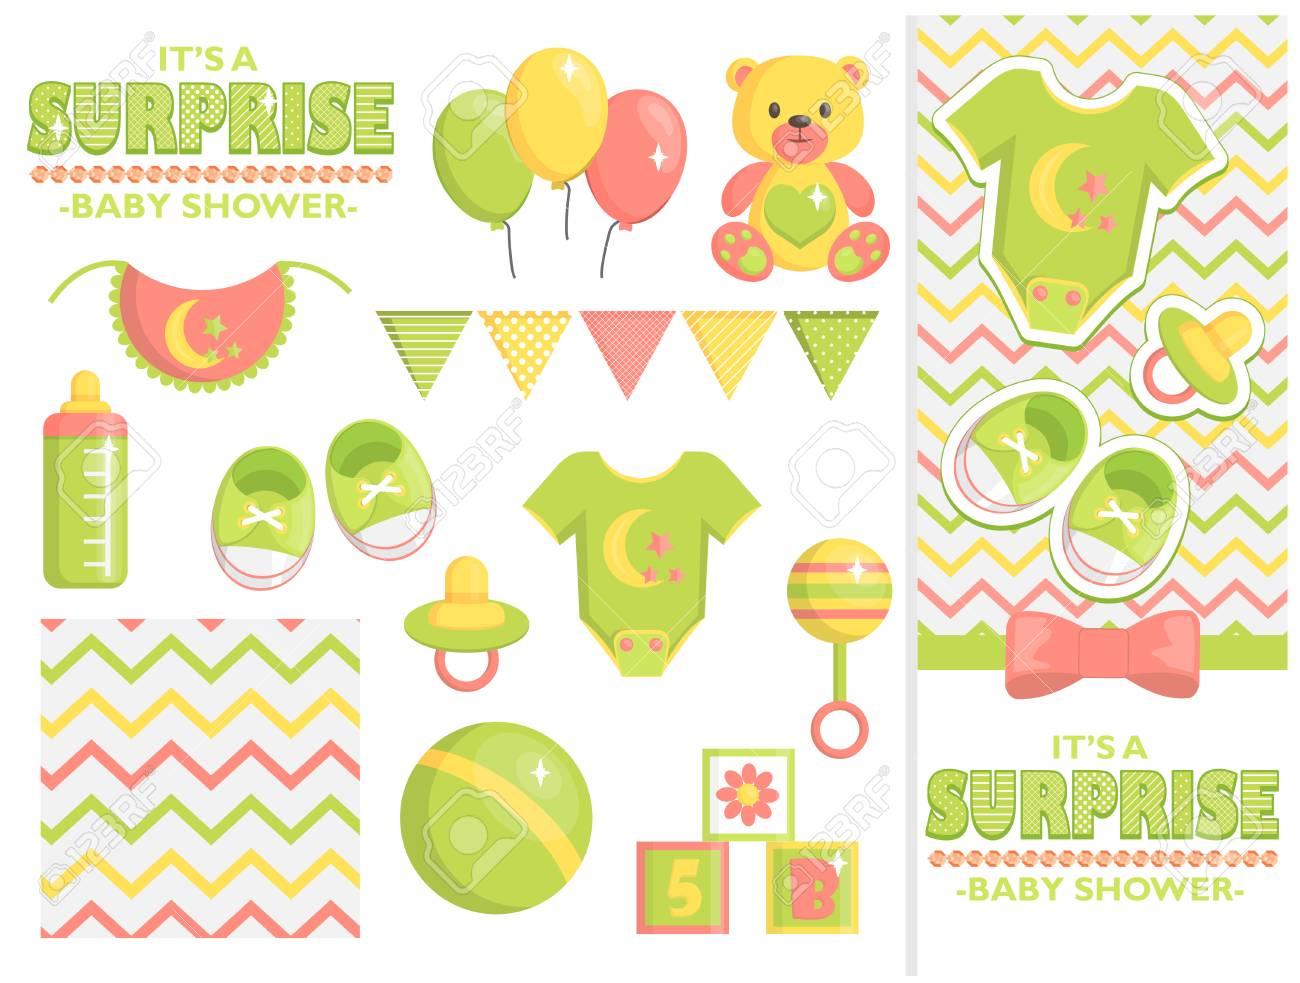 Es Una Colección Sorpresa De Artículos Para Baby Shower Para Fiestas